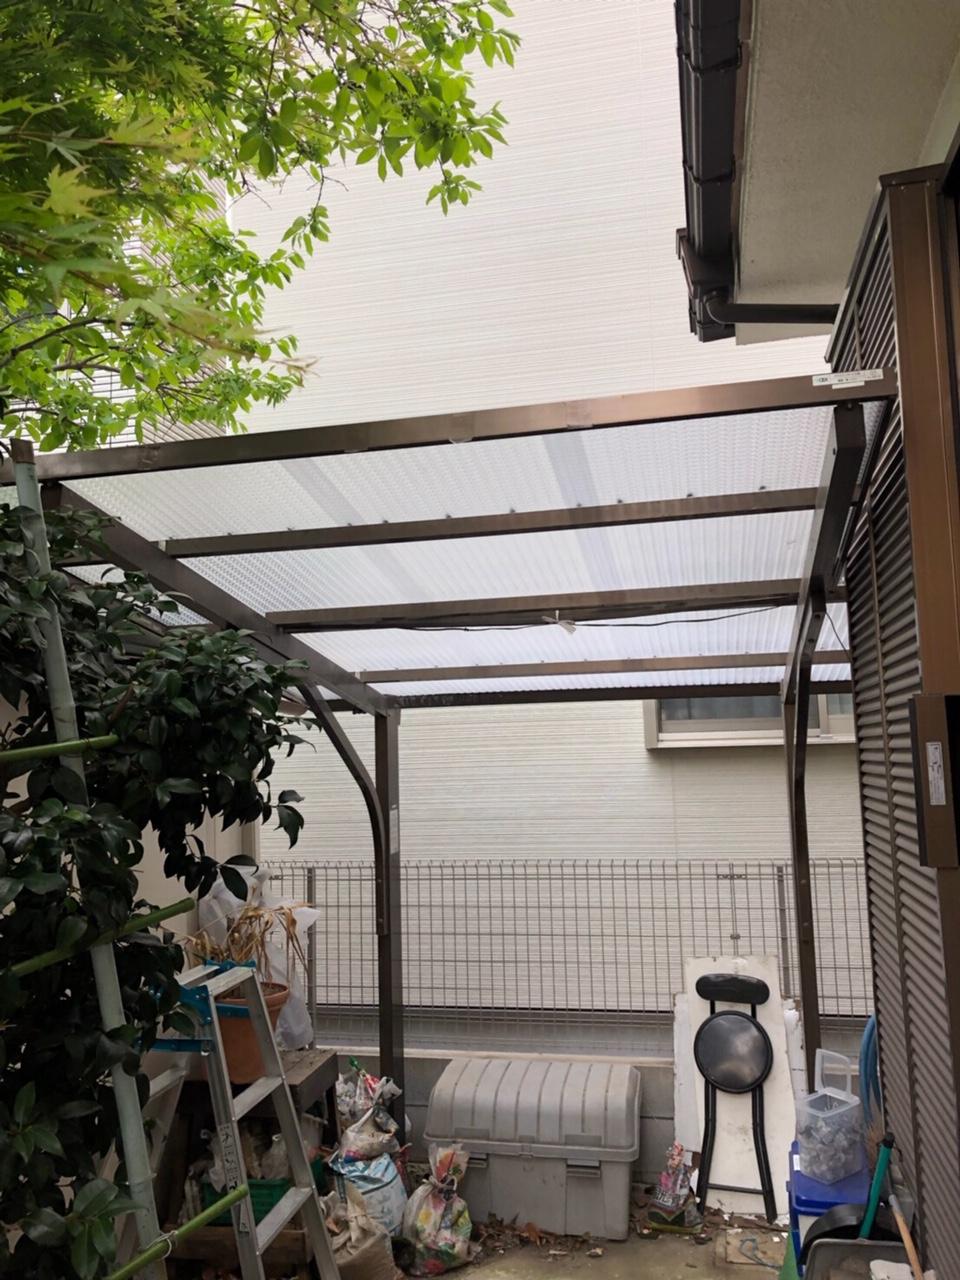 神奈川県川崎市で火災保険を申請し雨樋と波板を無料交換